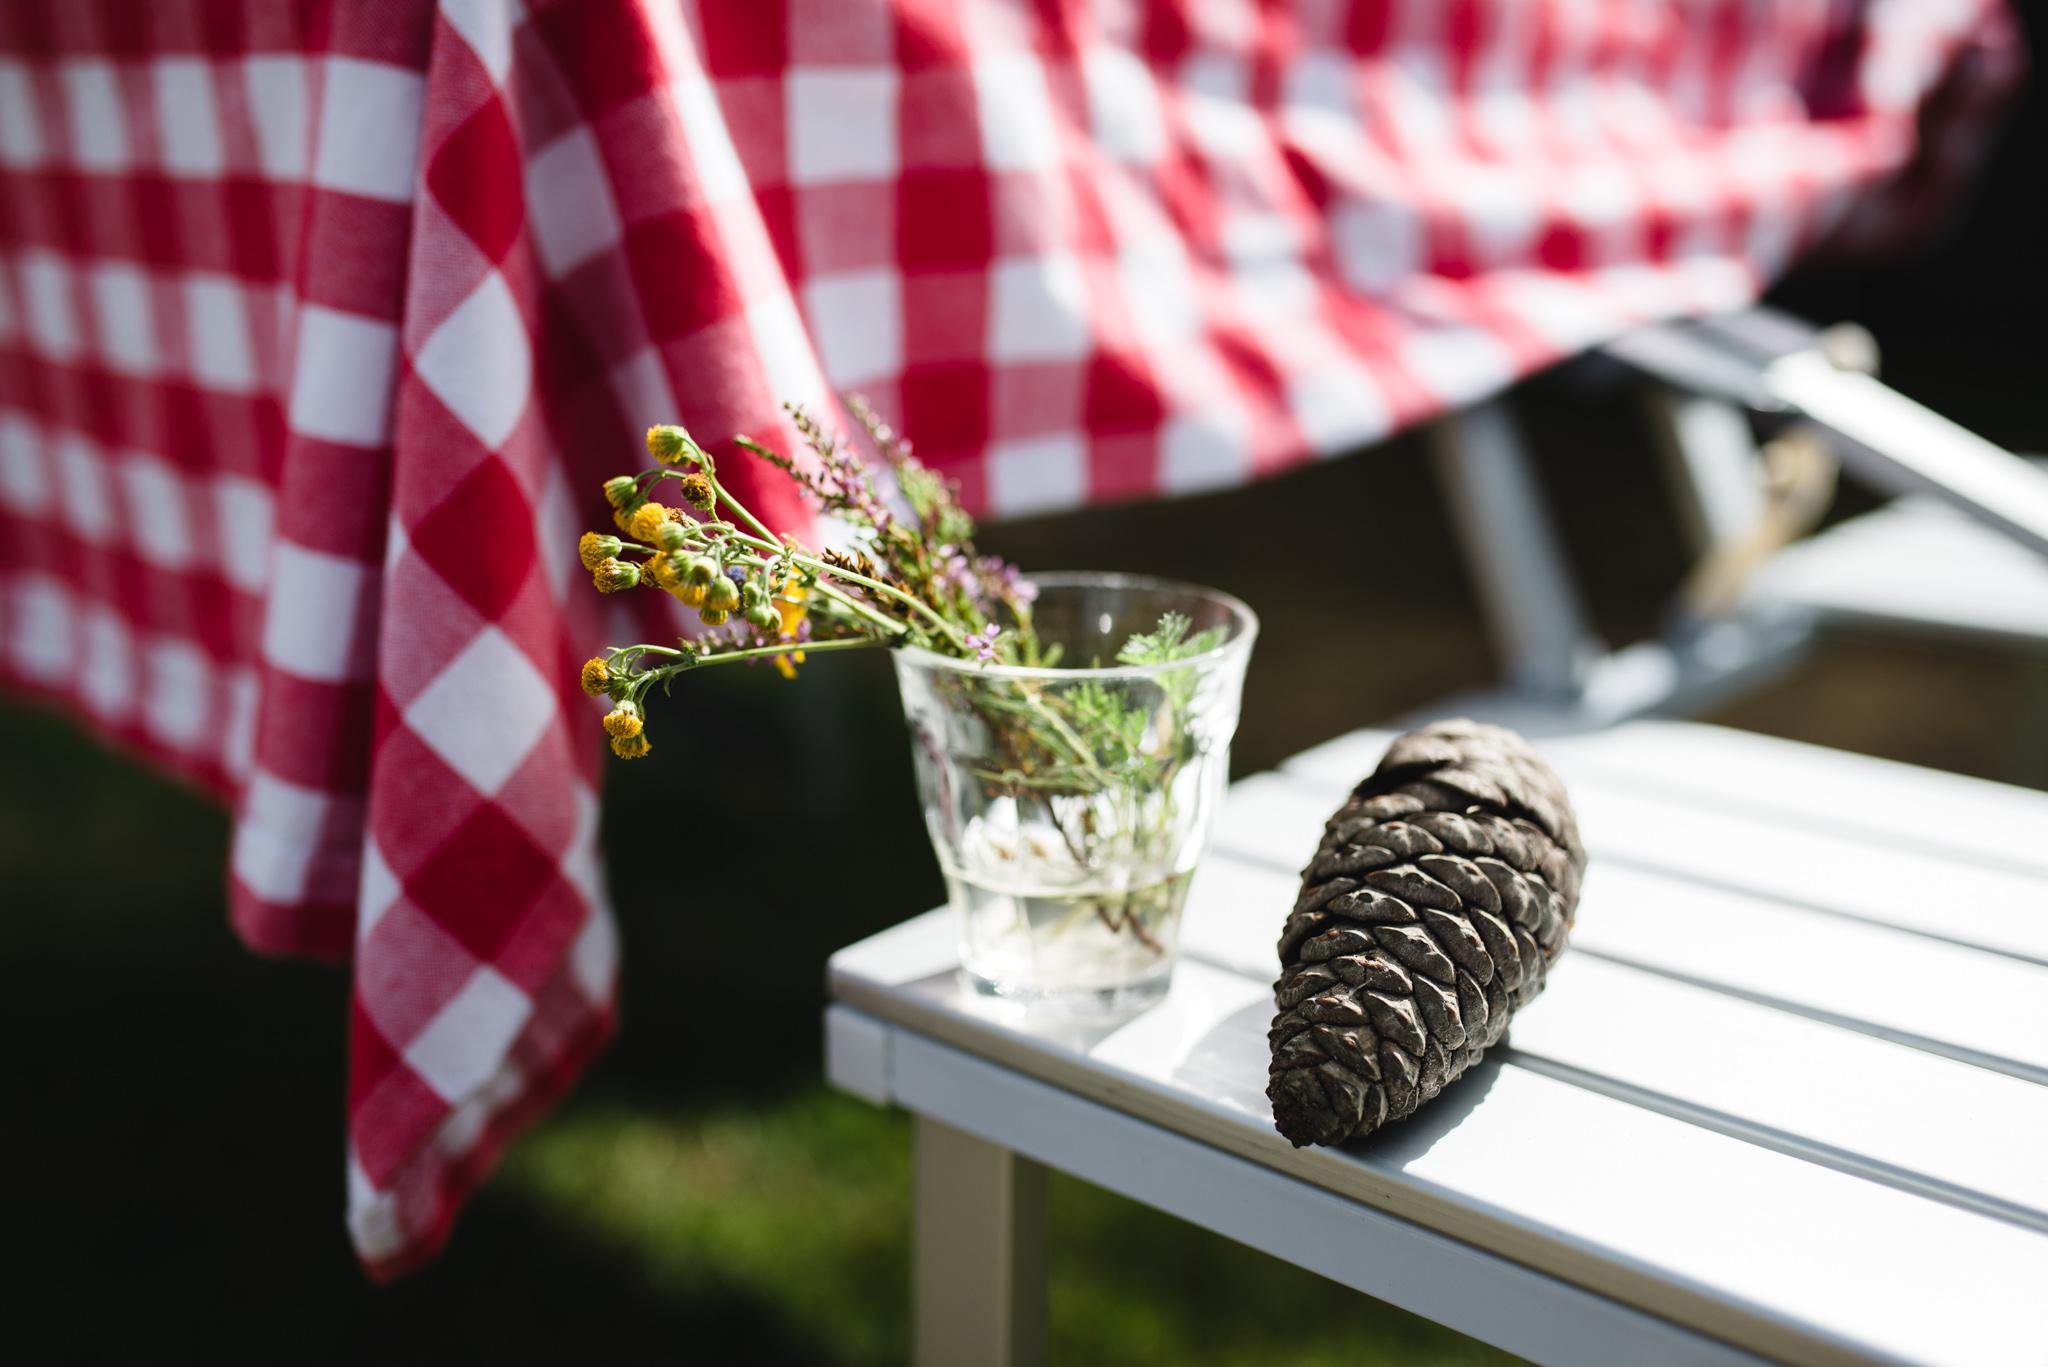 Kampeerboeketten Staatsbosbeheer bloemen op de camping Laurie Karine de fotograaf - 2348-2